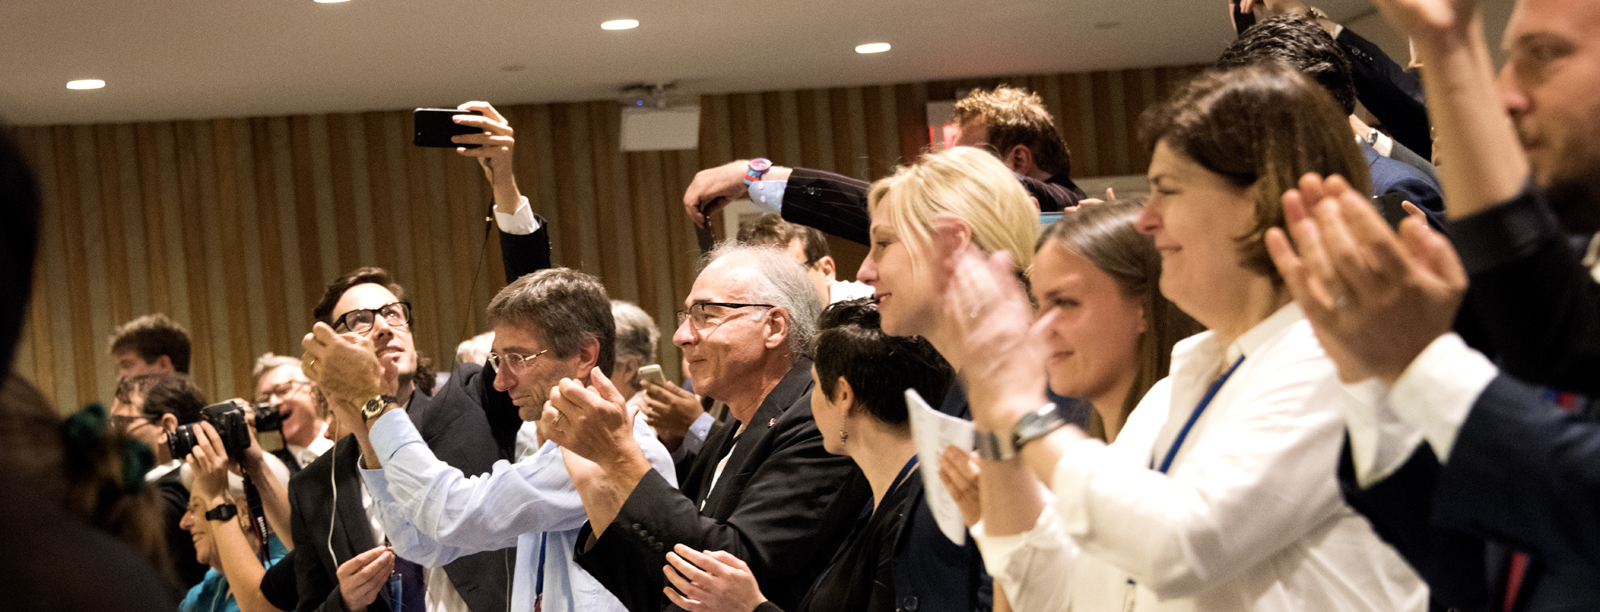 Applaus nach der Verabschiedung des UN-Vertrags am 7. Juli 2017. Foto Clare Conboy / ICAN